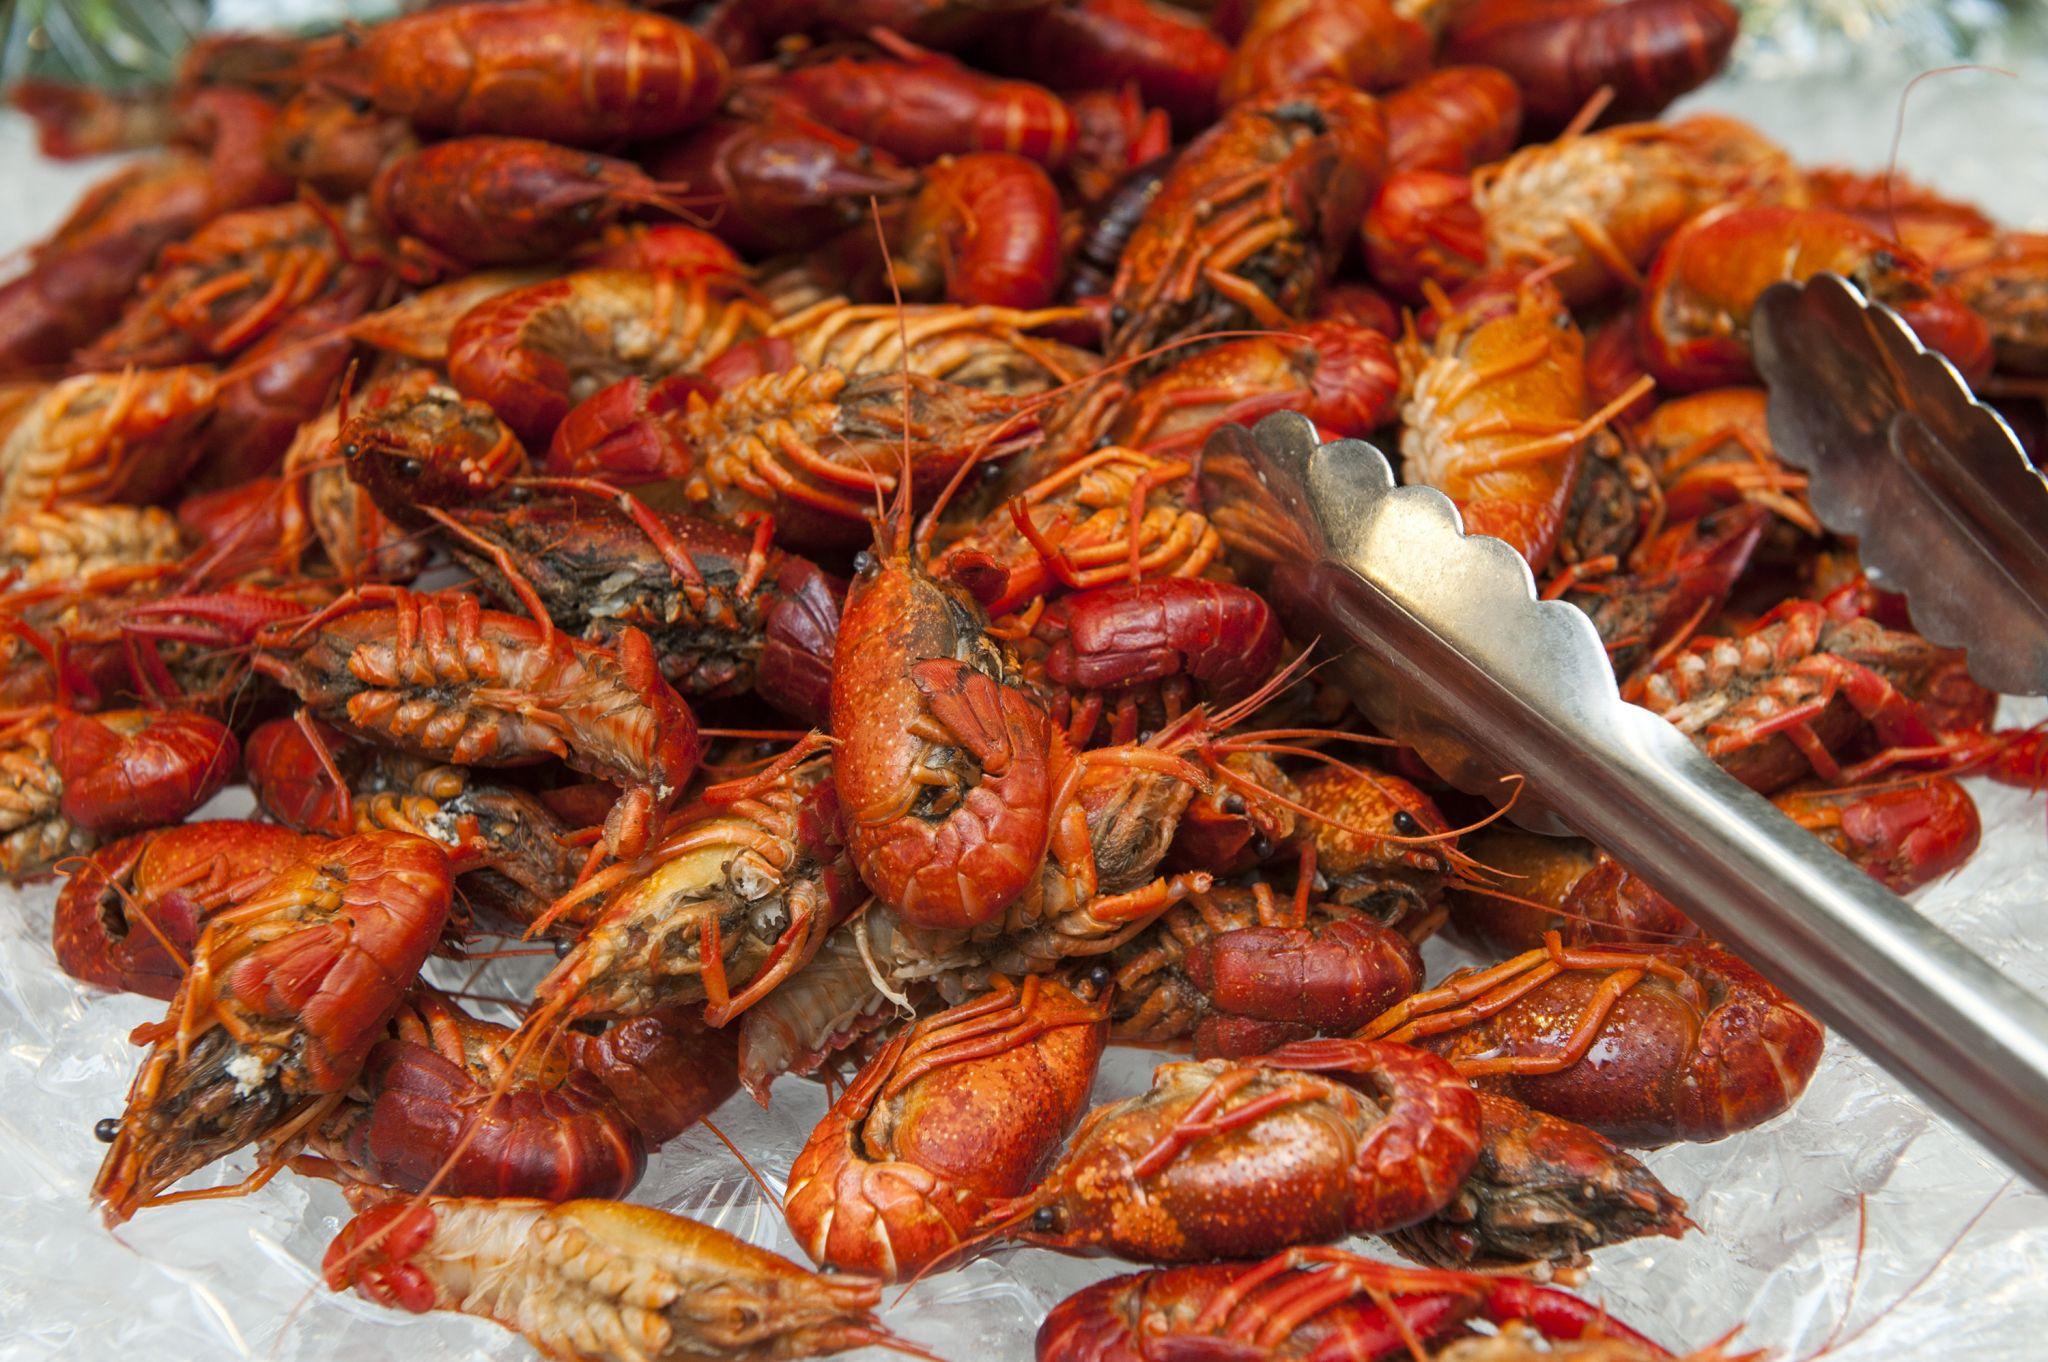 Give blood, get crawfish - San Antonio Express-News